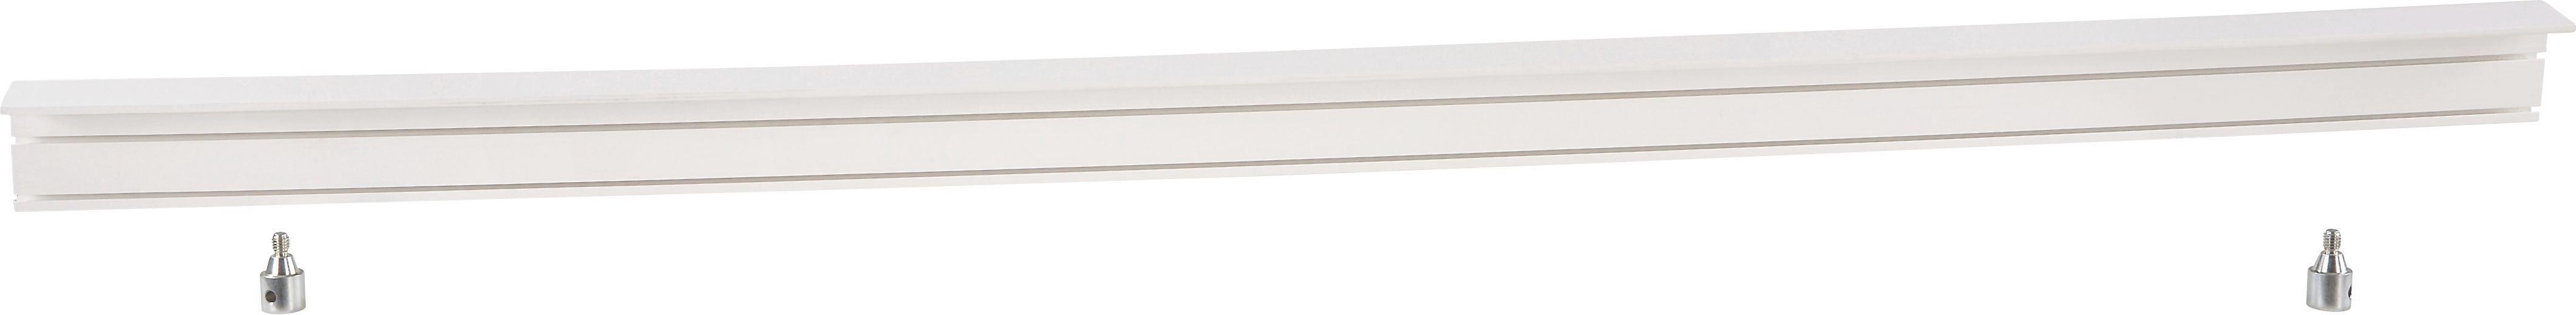 Függönysín Előlappal - fehér, konvencionális, műanyag (250/5/7.5cm)